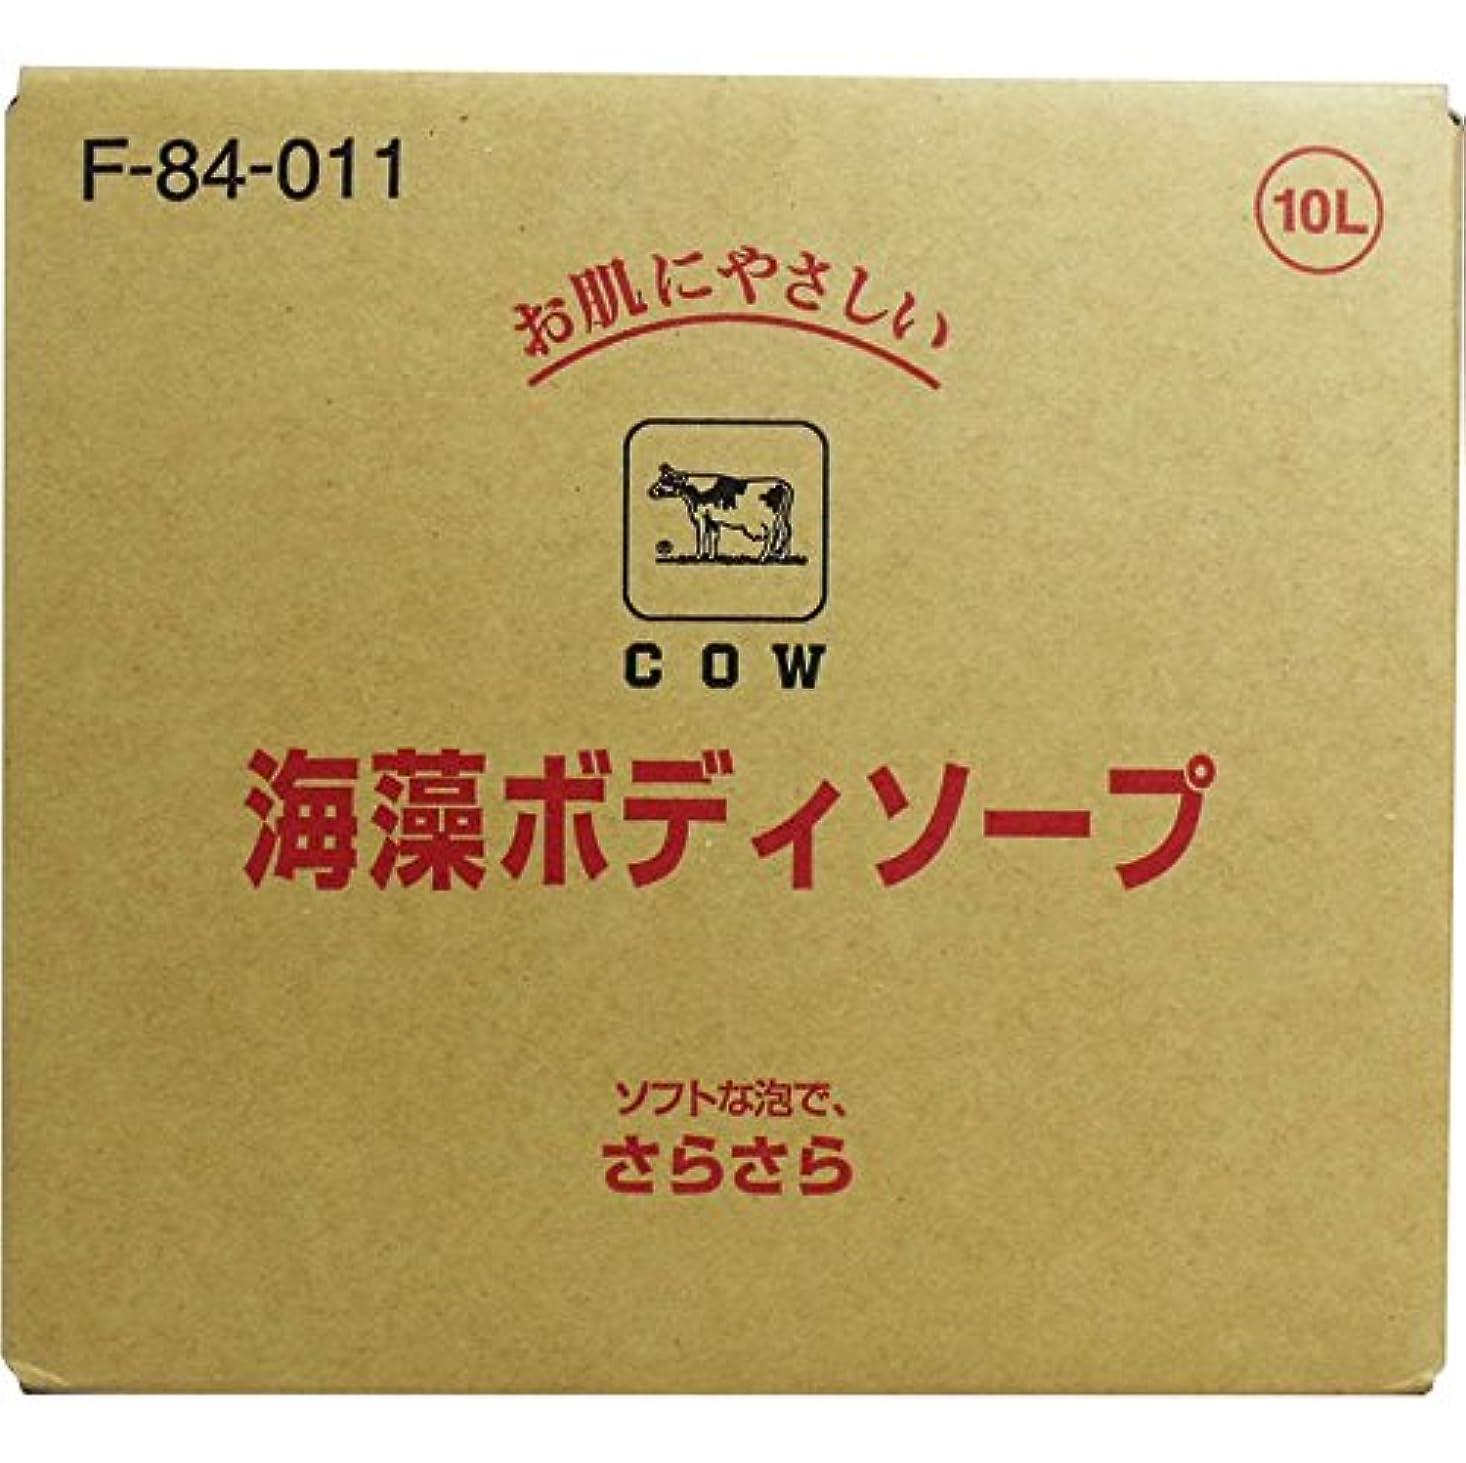 オゾン協力的とても多くのボディ 石けん詰め替え さらさらした洗い心地 便利商品 牛乳ブランド 海藻ボディソープ 業務用 10L